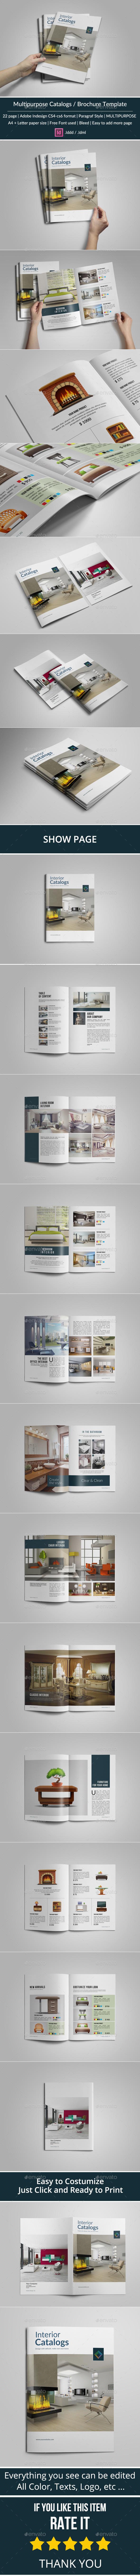 GraphicRiver Multipurpose Catalogs Brochure 9358793